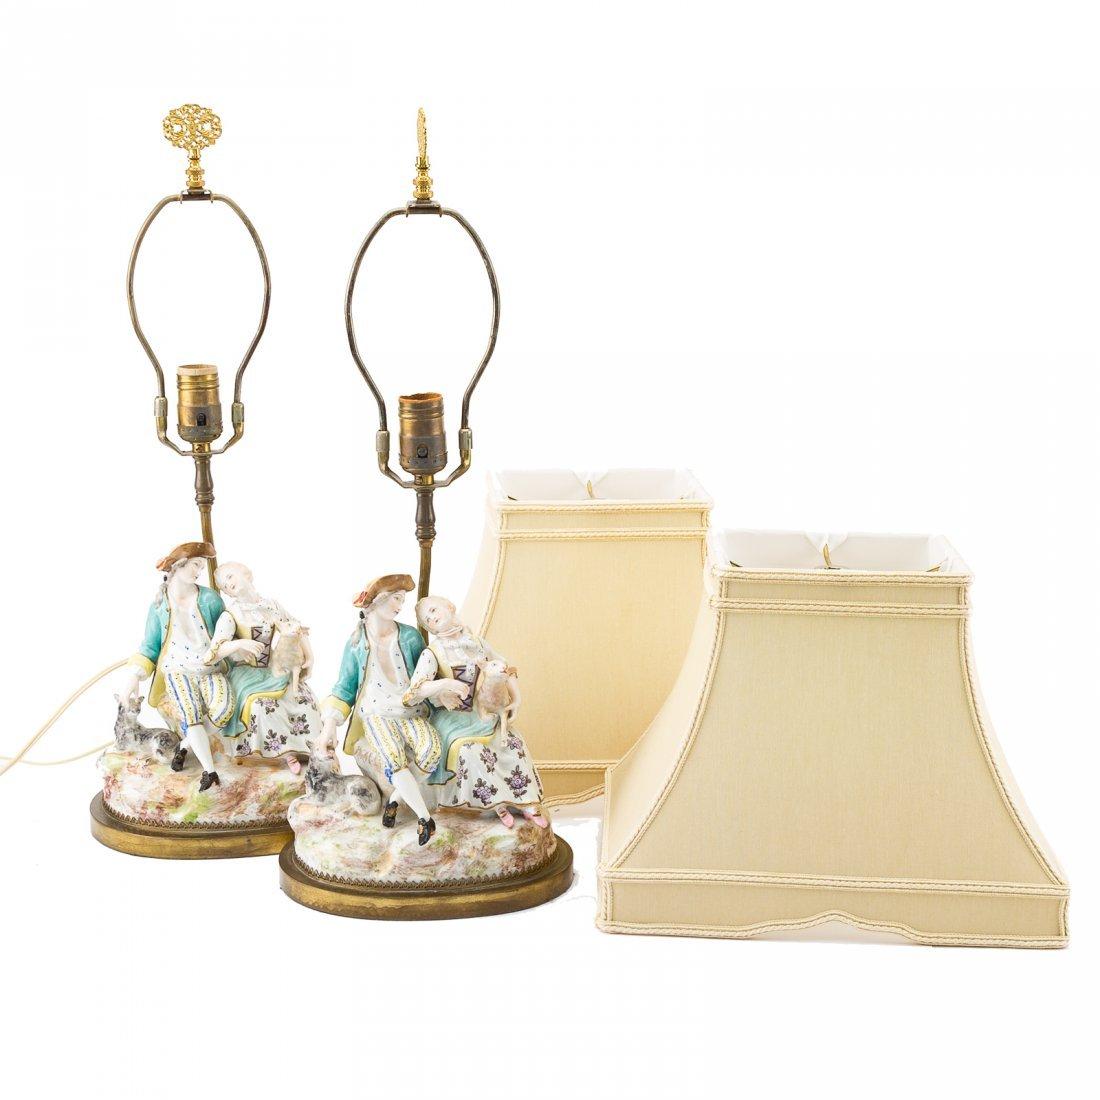 Pair Meissen style porcelain figural lamps - 4